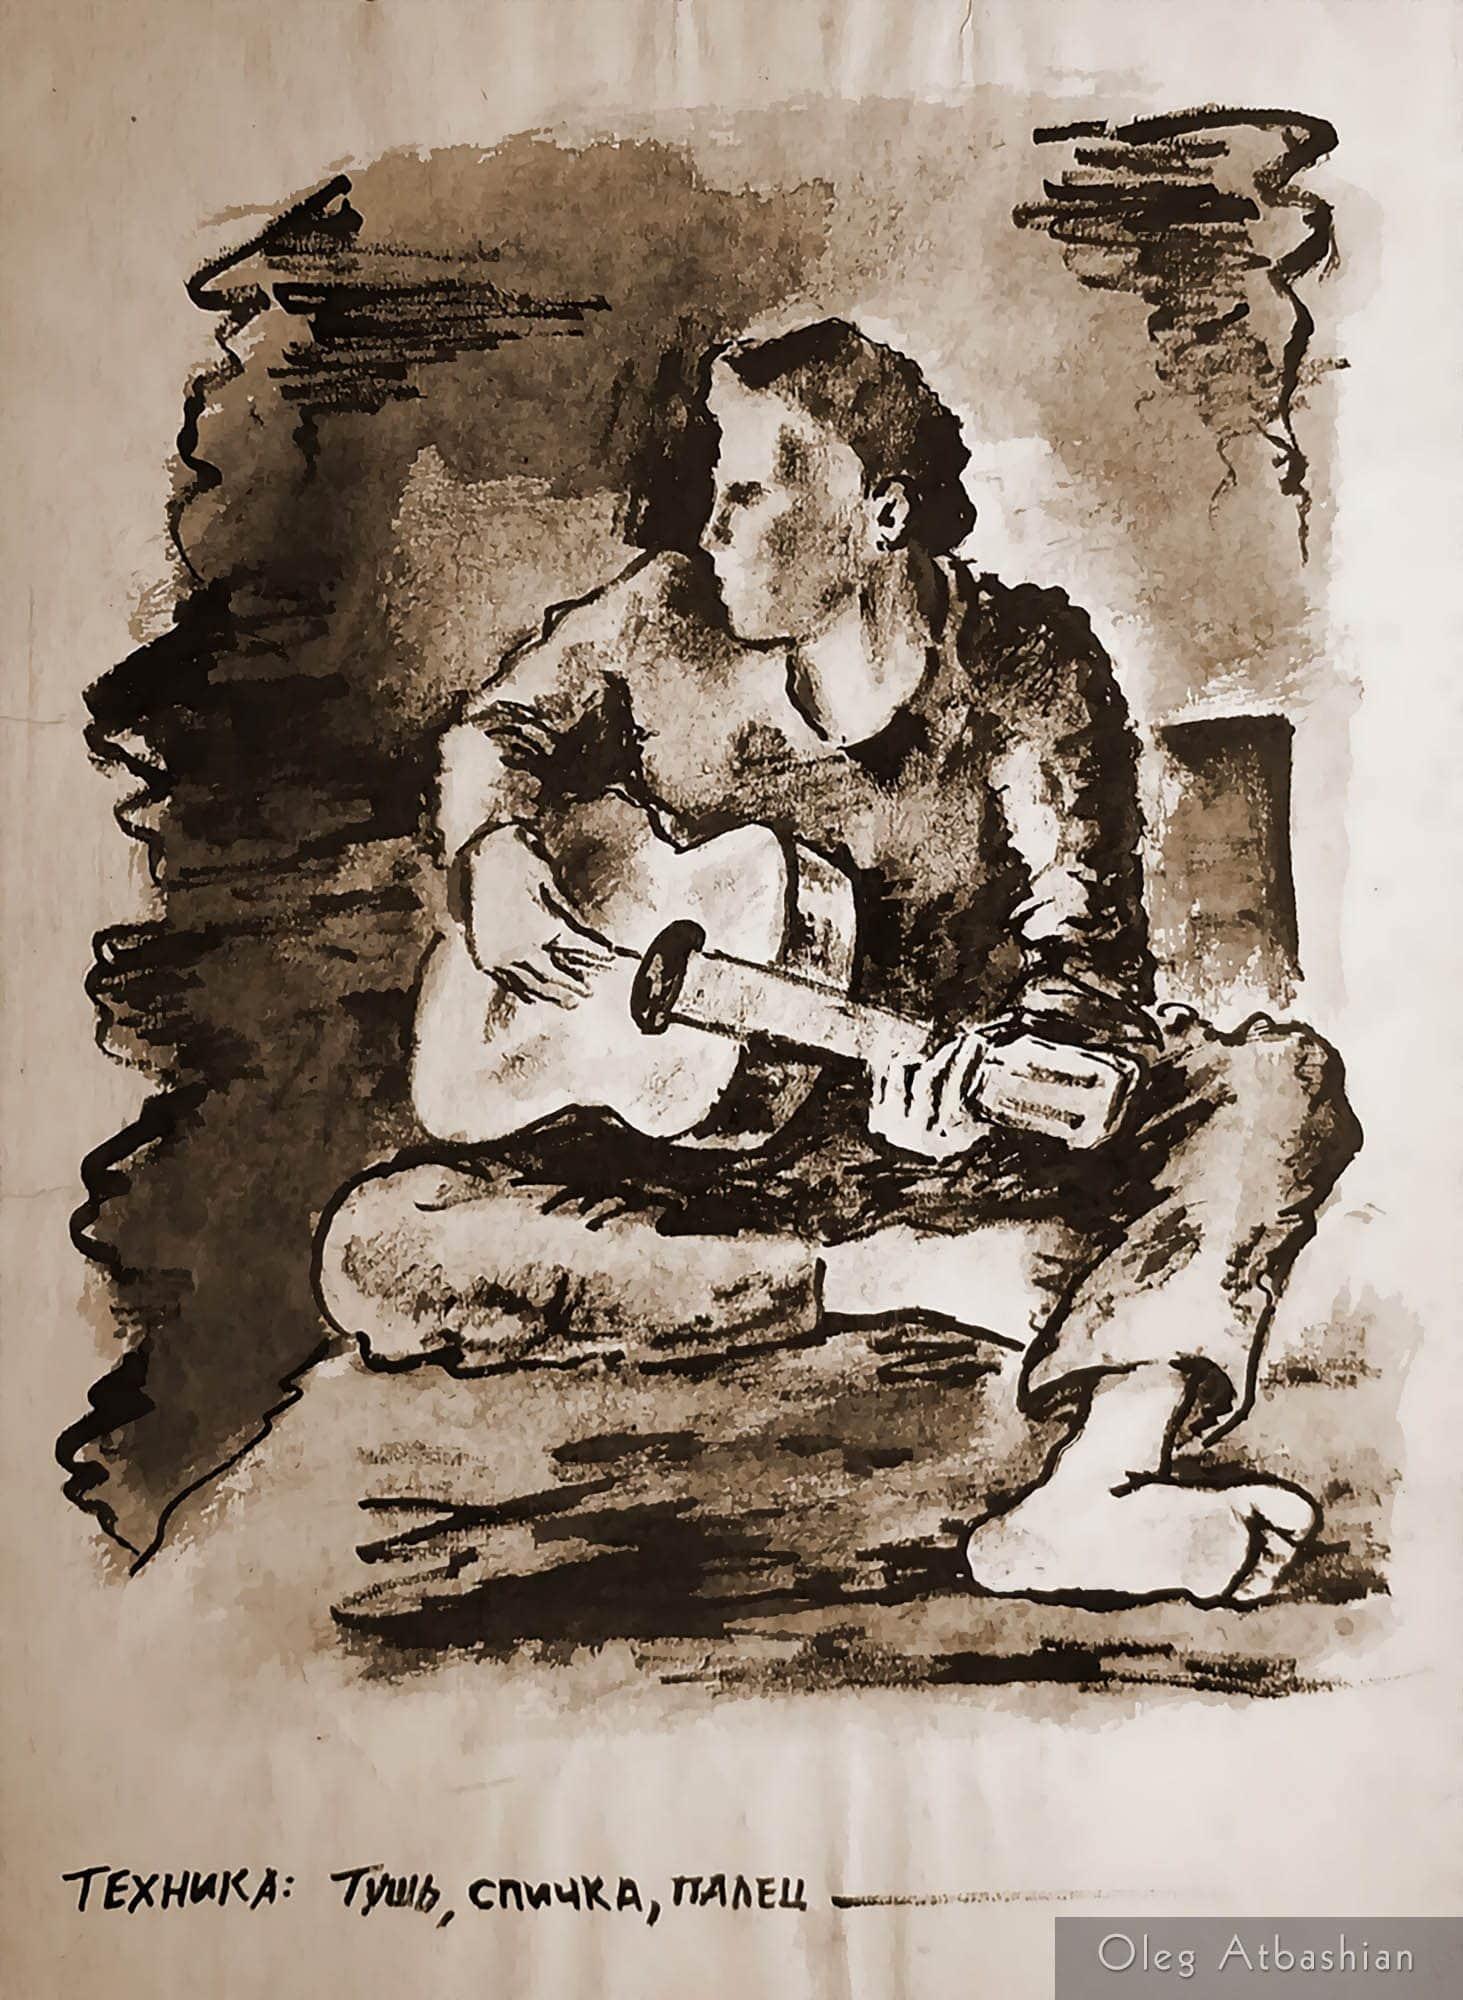 Guitarist: Ink, Matchstick, & Finger Technique